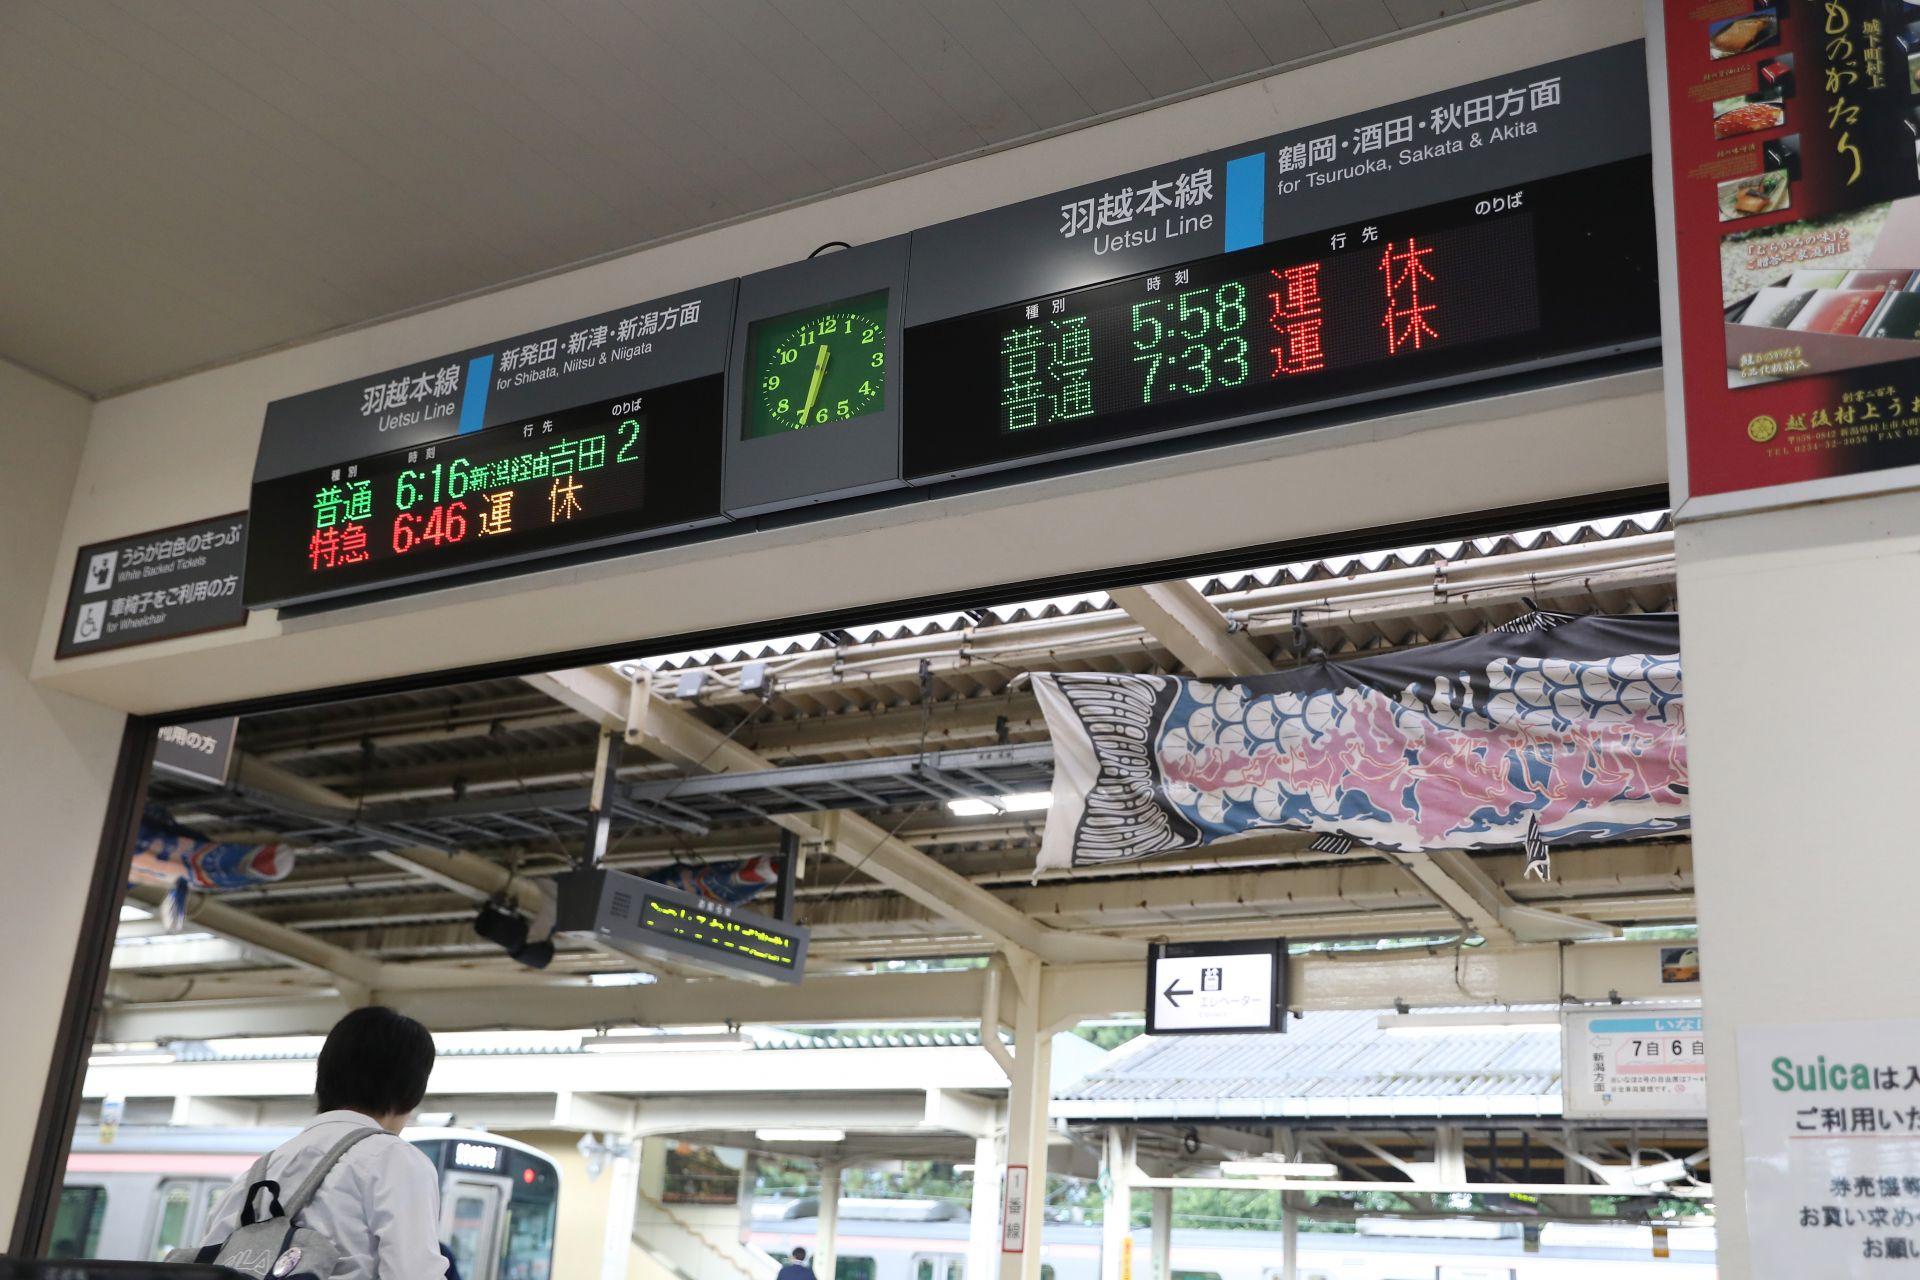 Високоскоростните влакове по две железопътни линии бяха спрени превантивно